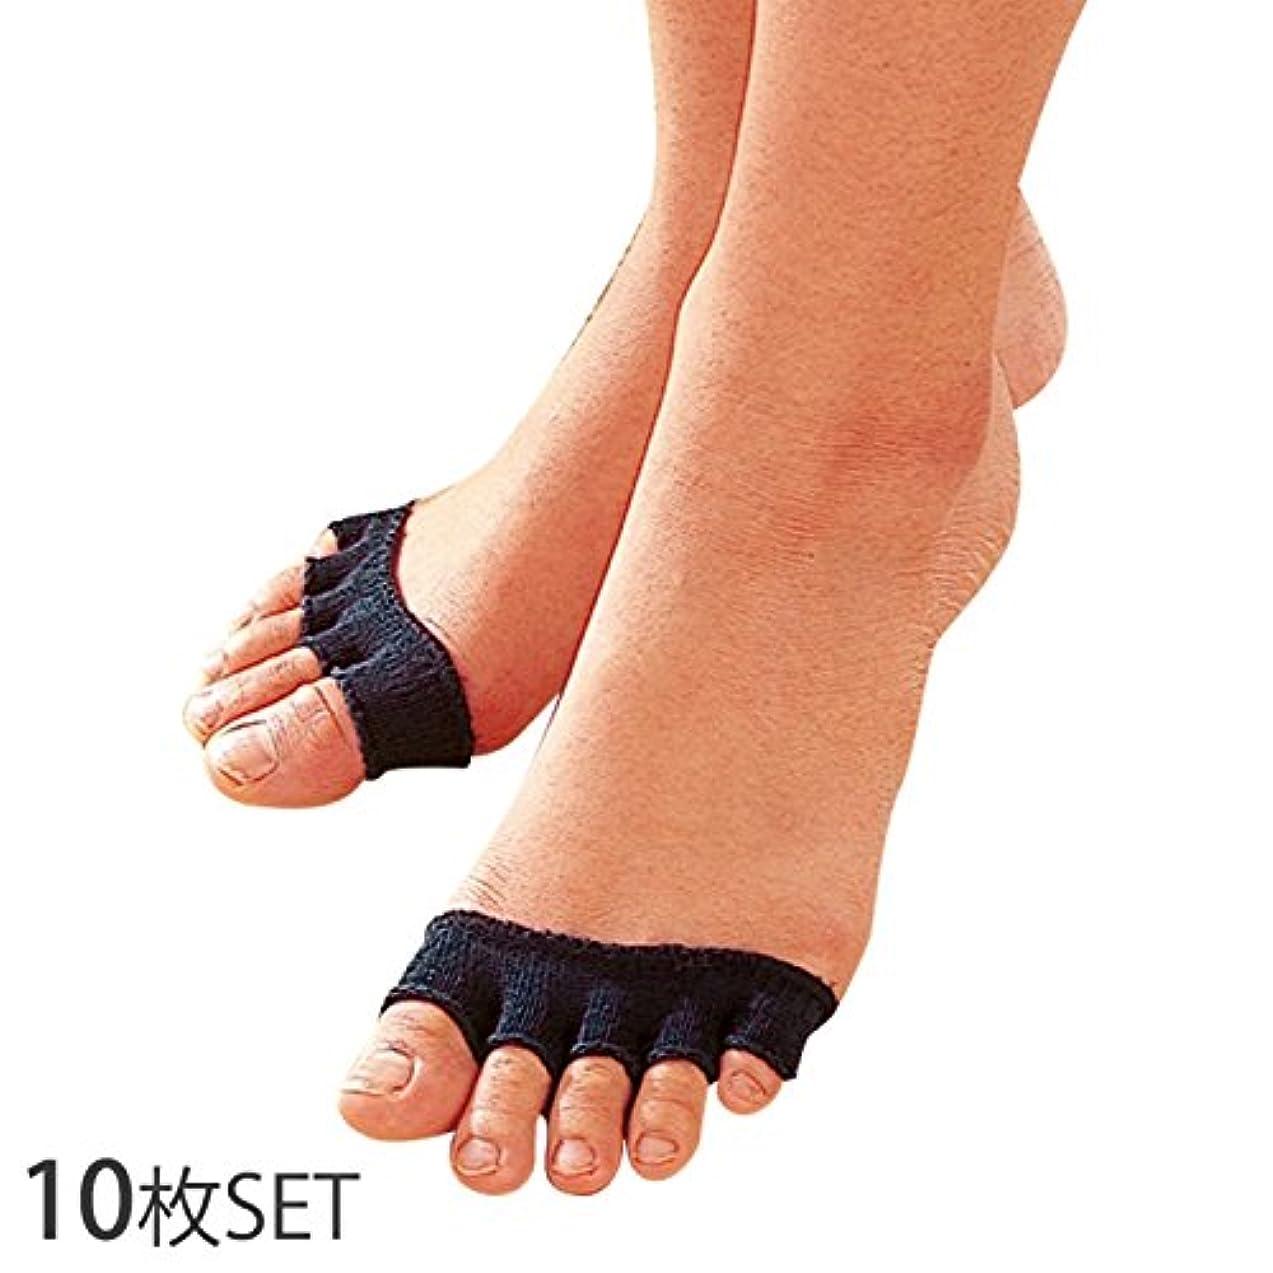 カスタムアーティスト代わって足指カバー 5本指 男女兼用 指先なし 5本指靴下 抗菌防臭加工 消臭 ひのき指の間カバー 10枚セット 紺